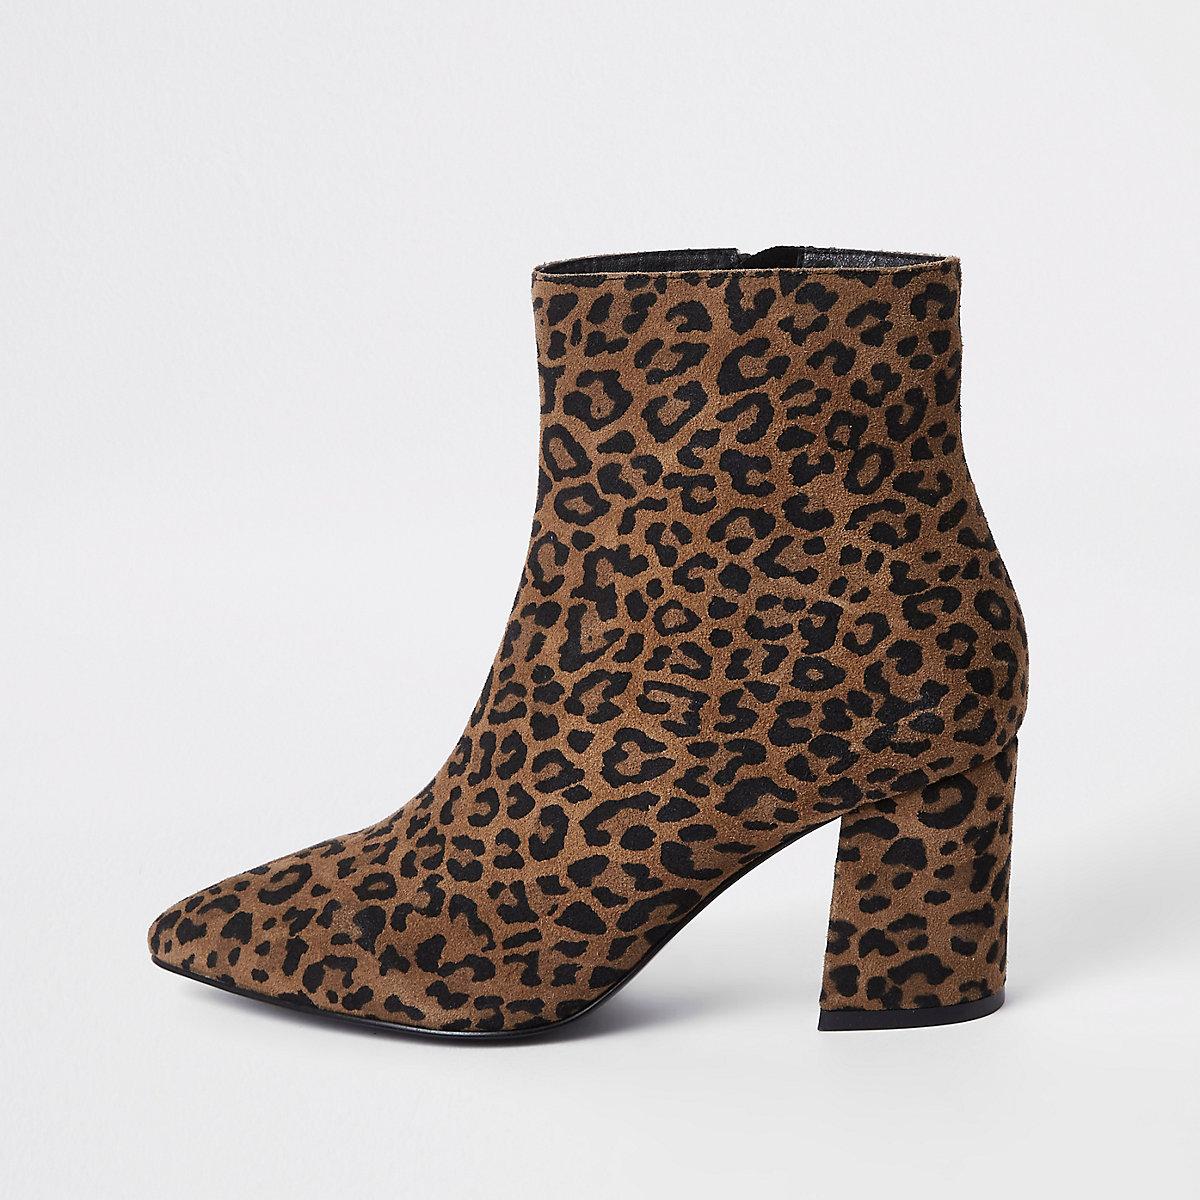 Bruine enkellaarsjes met luipaardprint